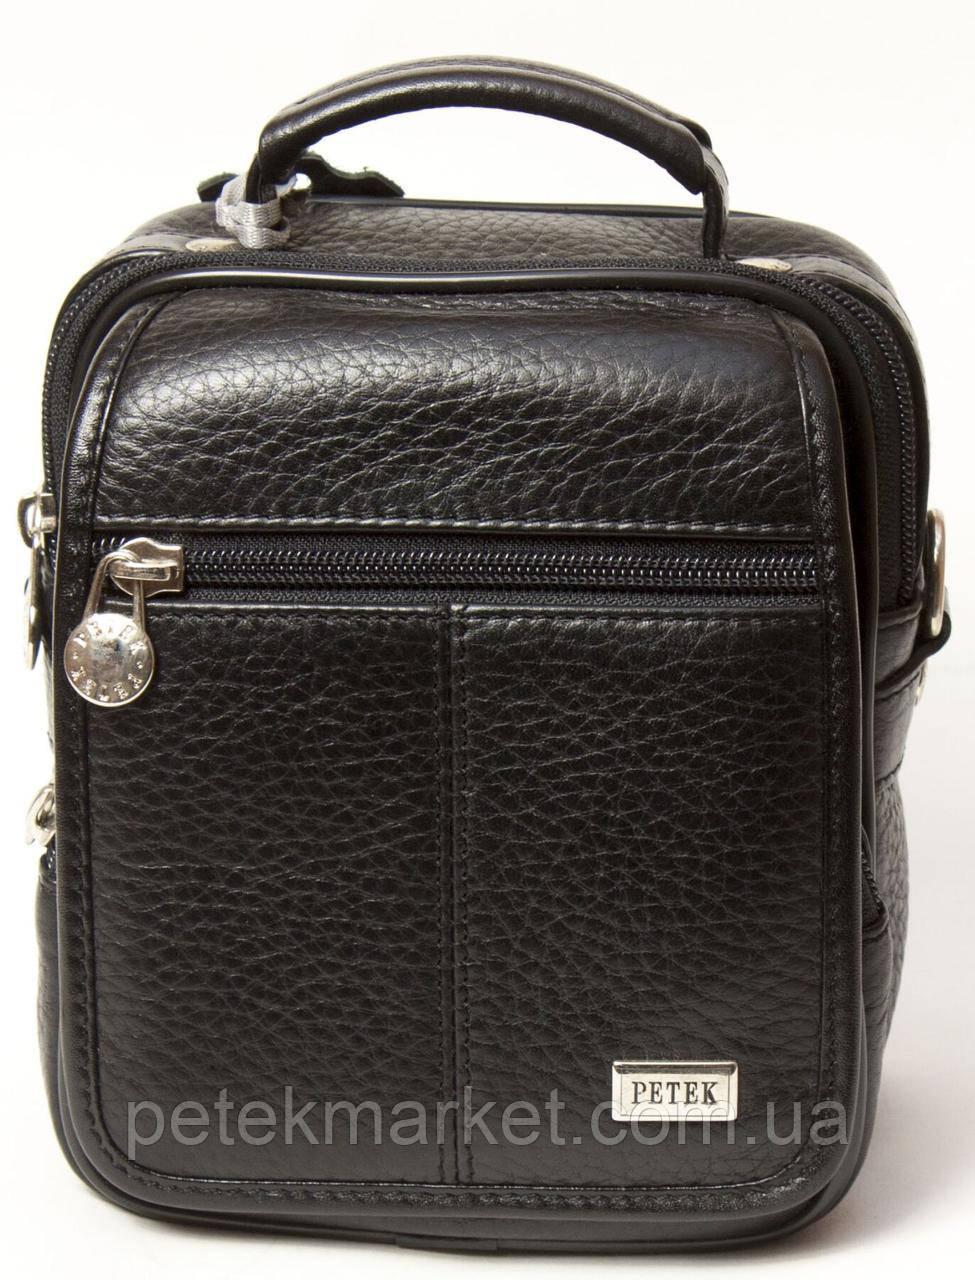 Мужская сумка Petek 3851